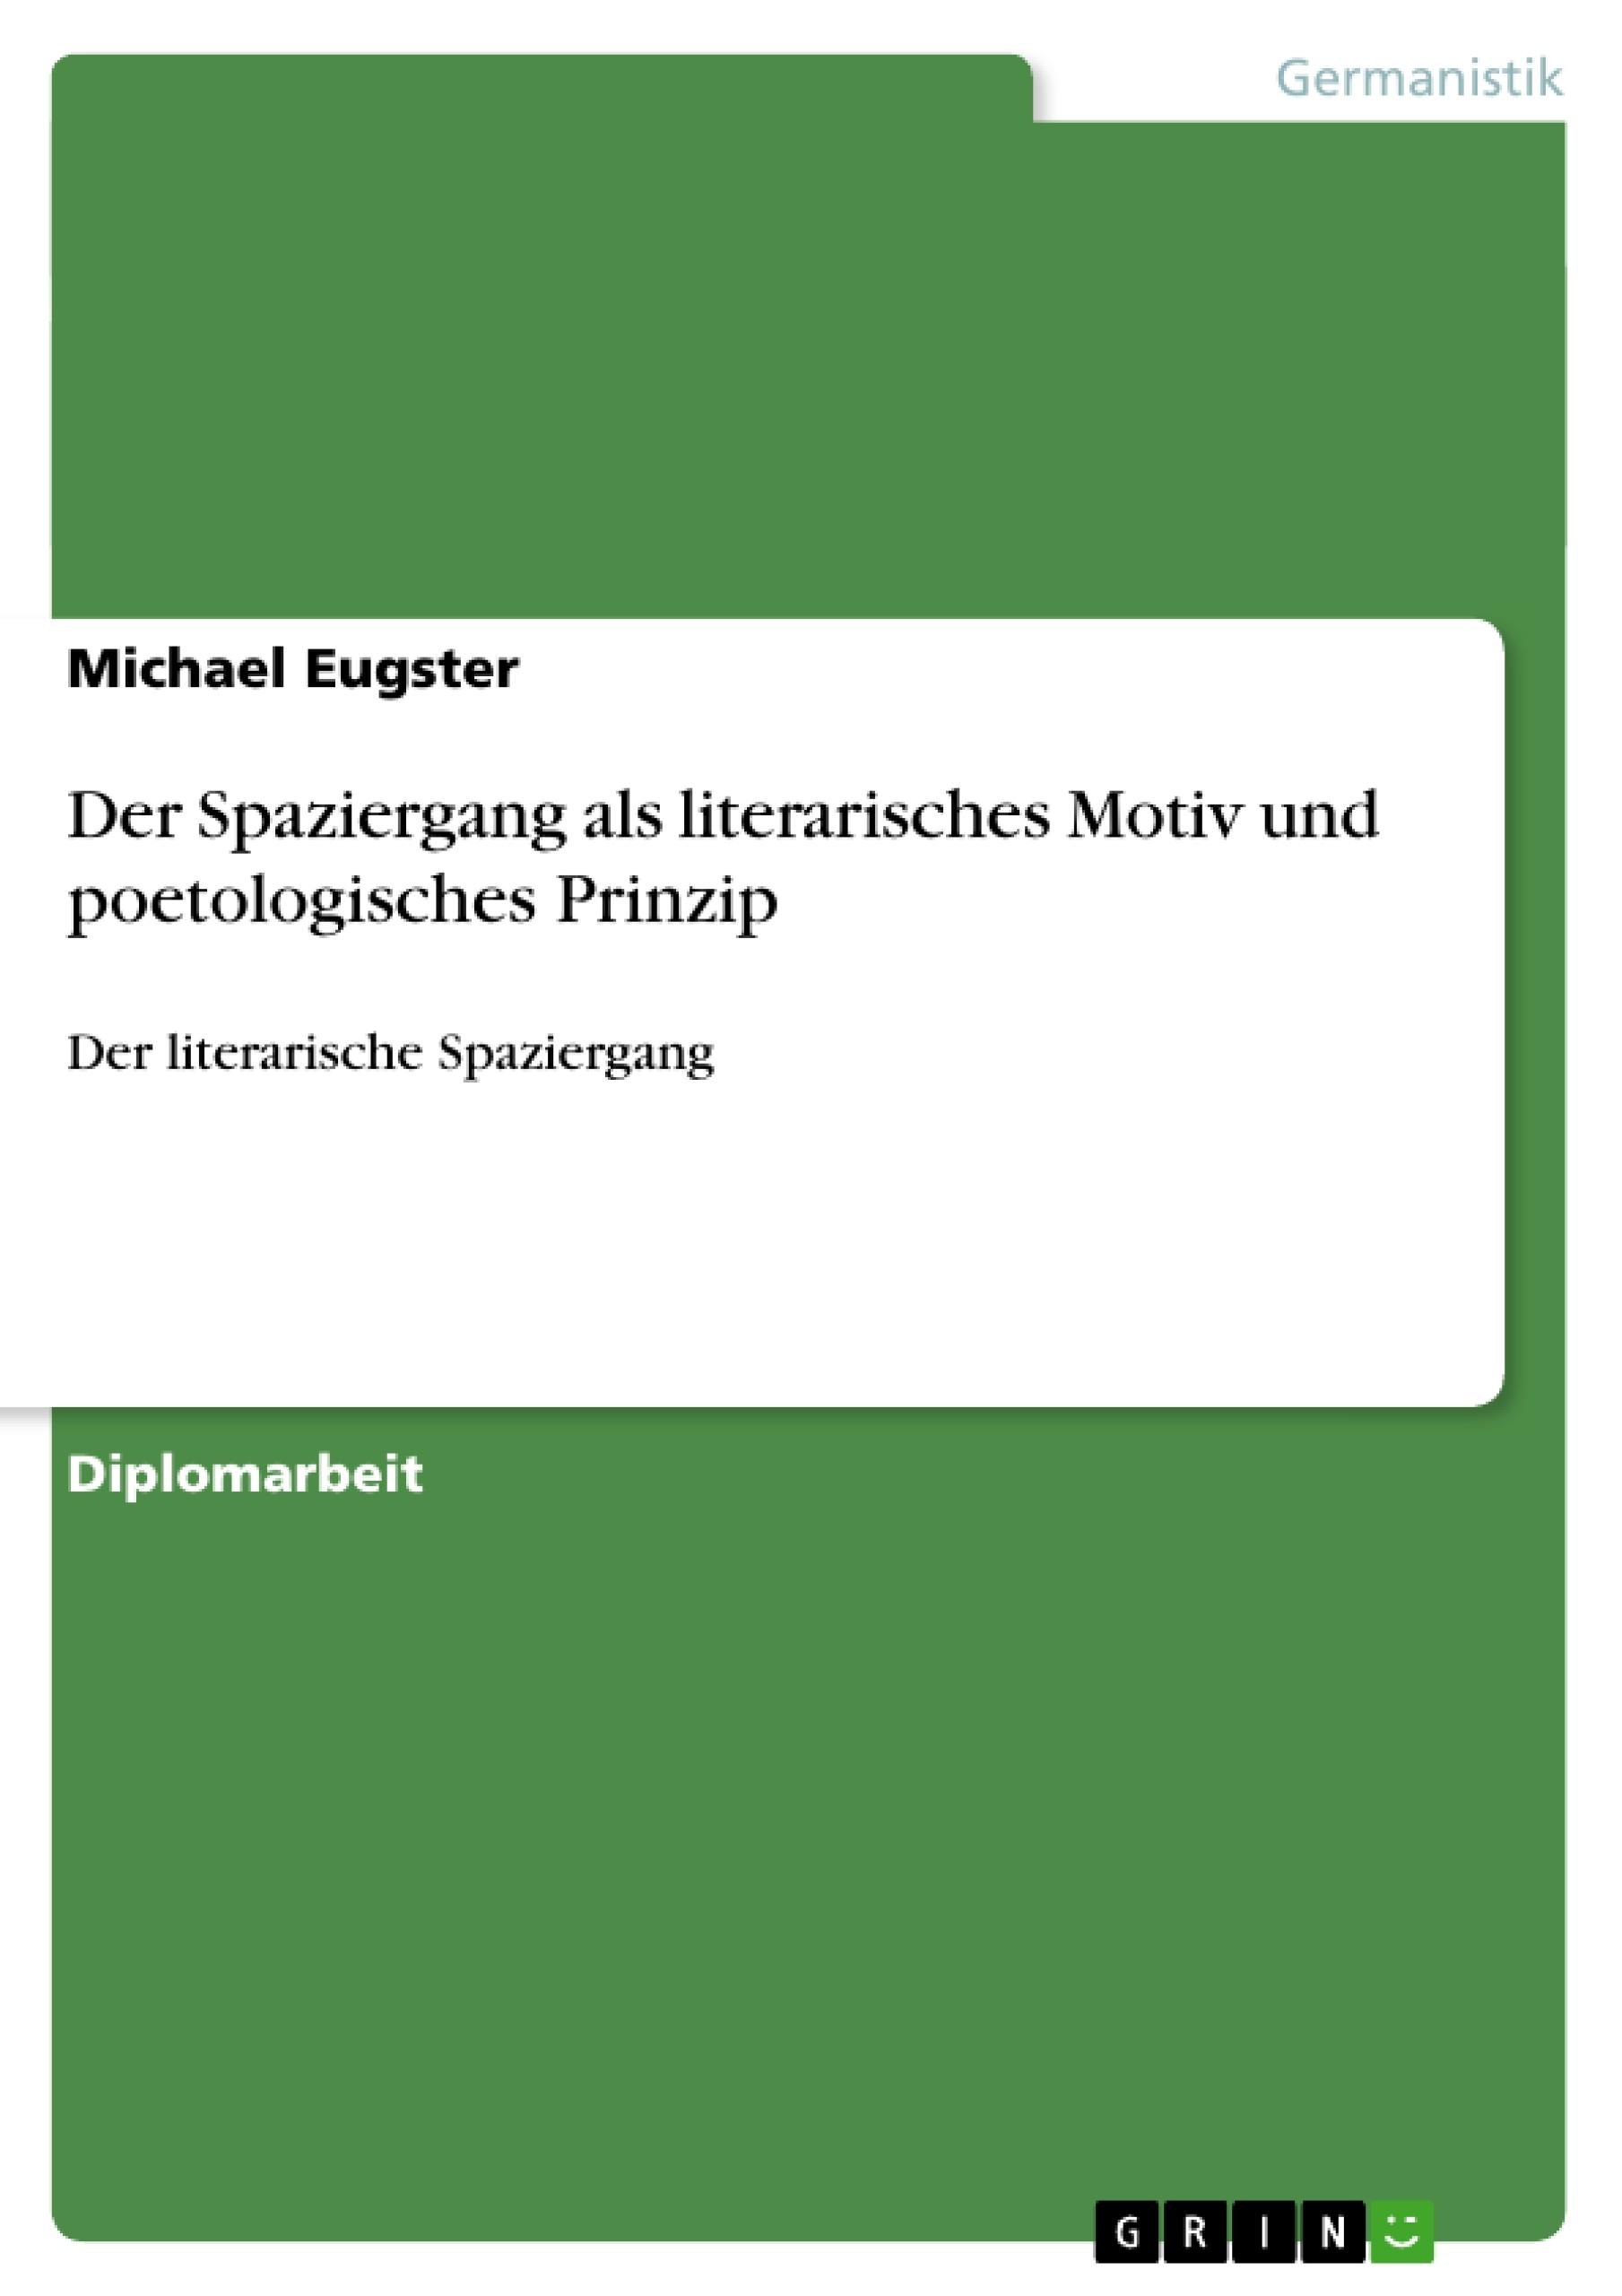 Titel: Der Spaziergang als literarisches Motiv und poetologisches Prinzip